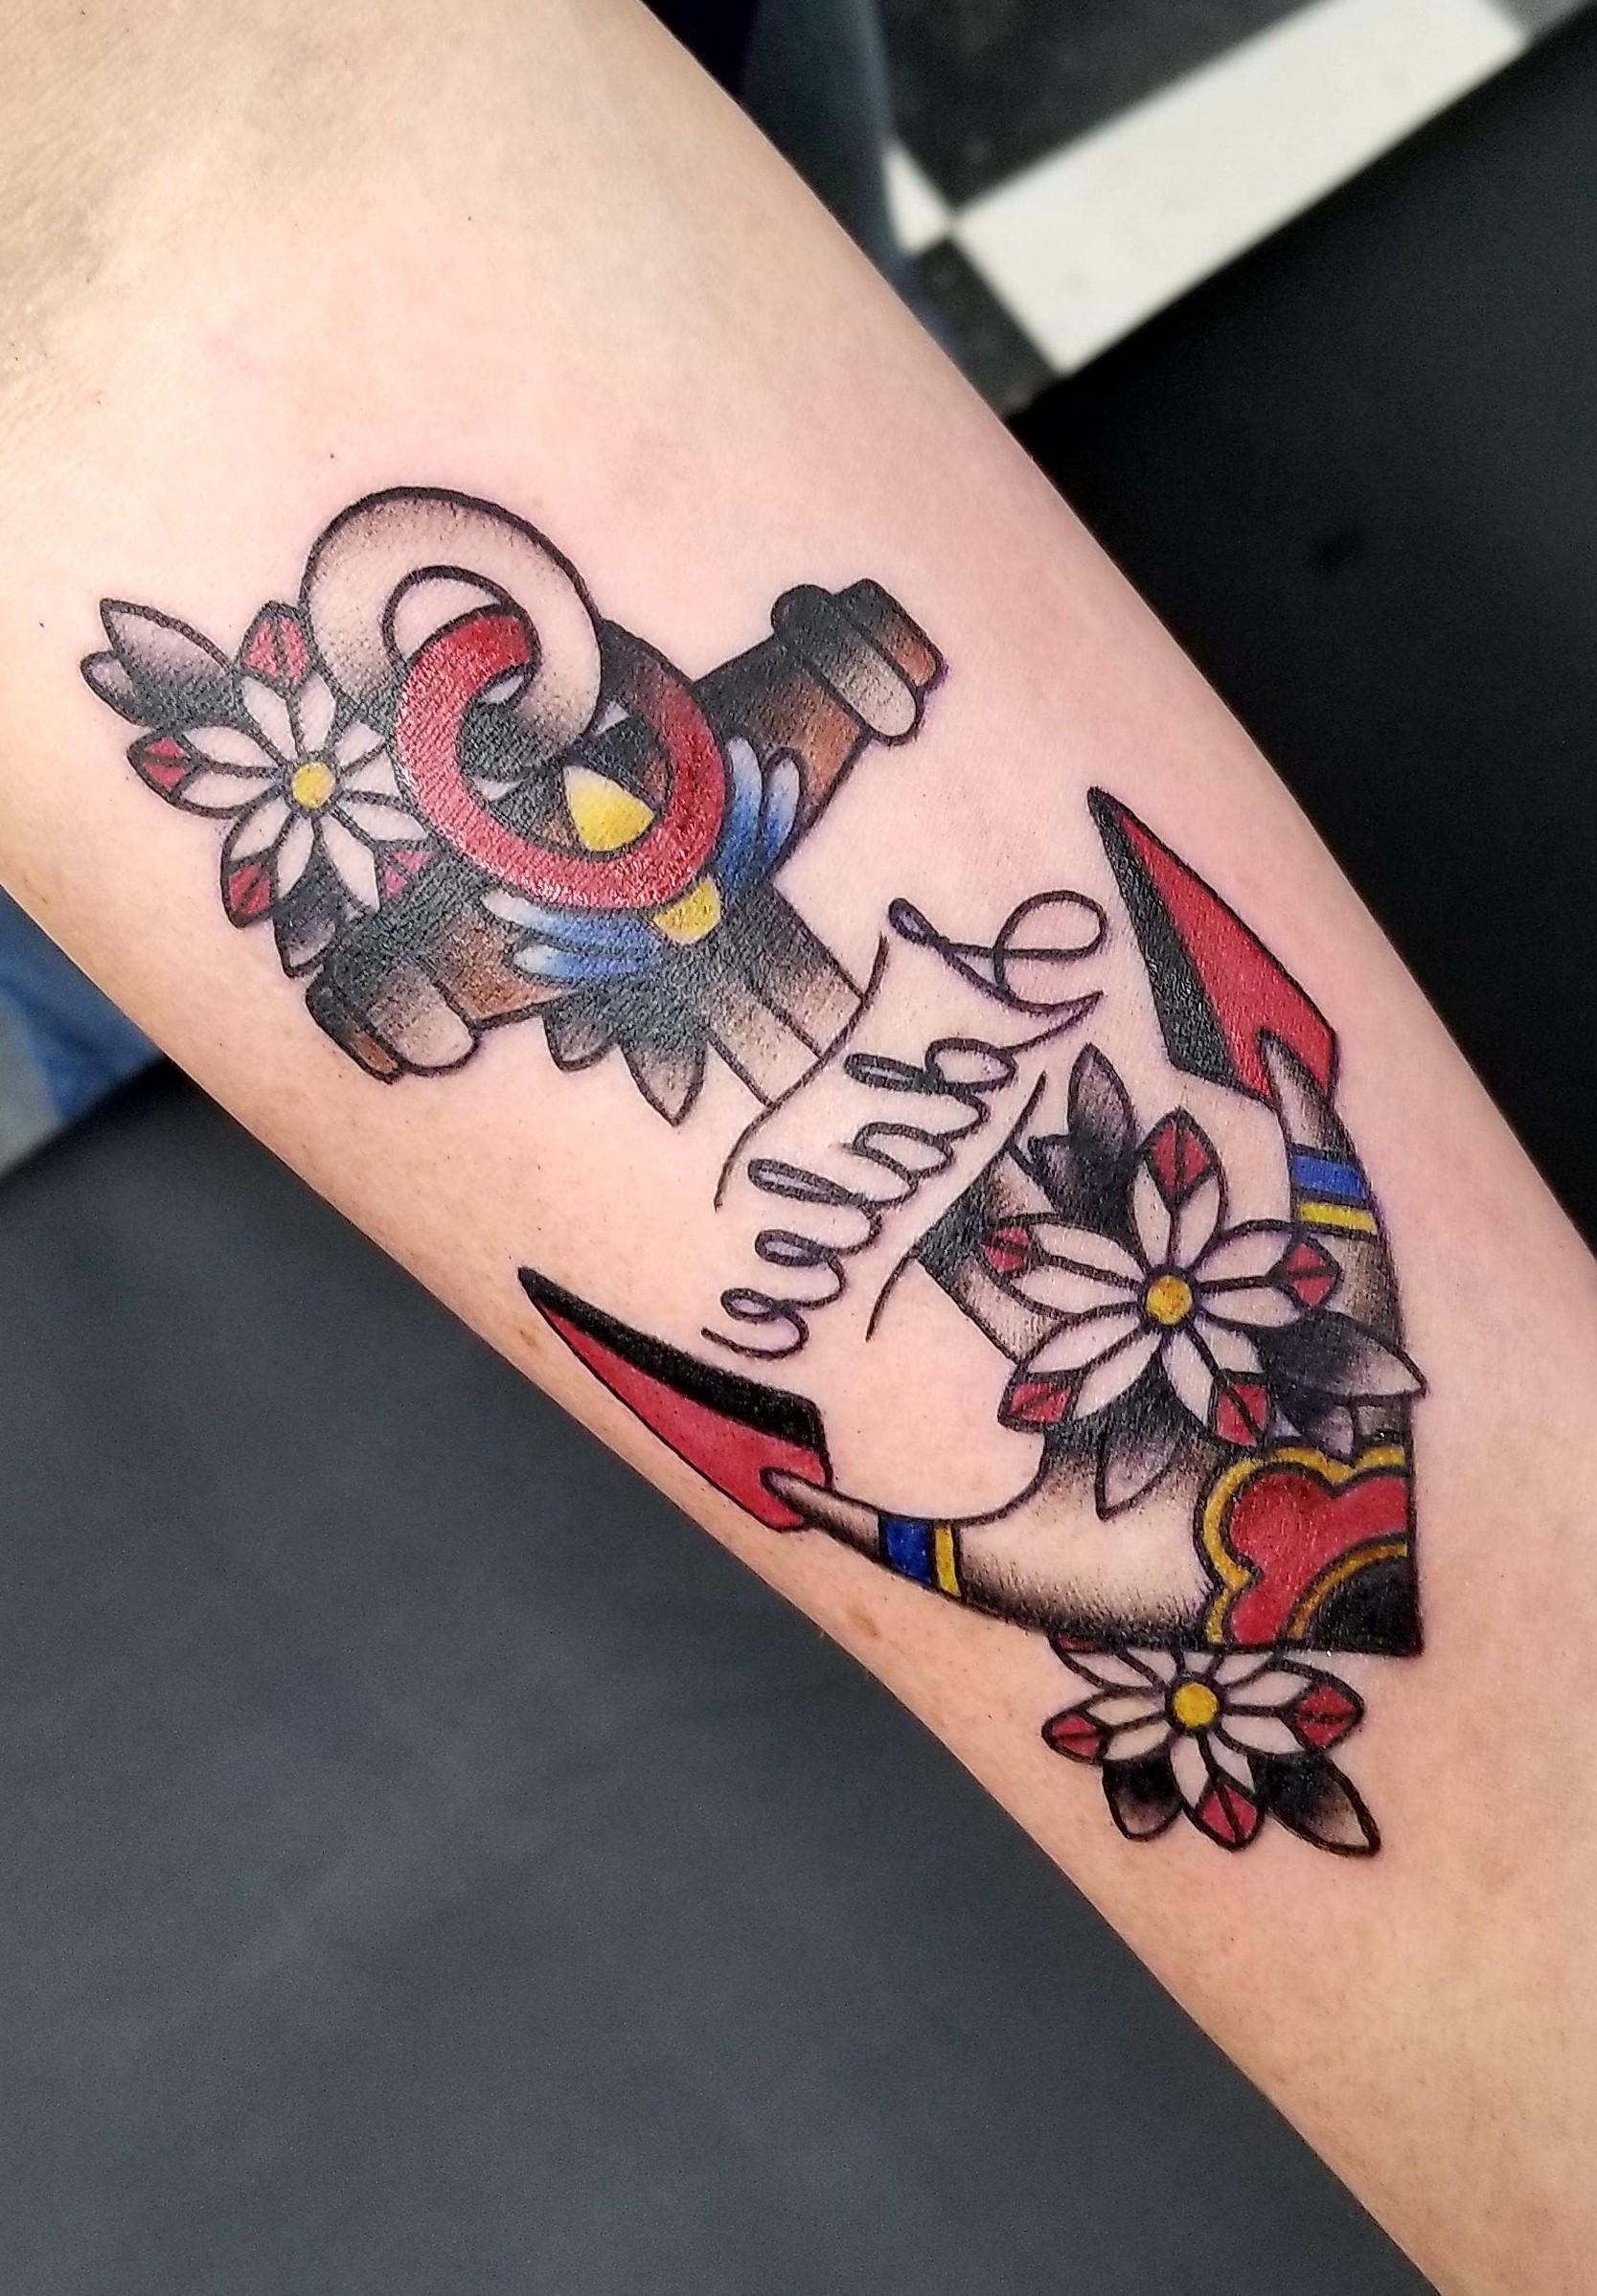 Un tatouage ancre peut avoir diverses significations, qui incarnent toutes les caractéristiques des nobles militaires.